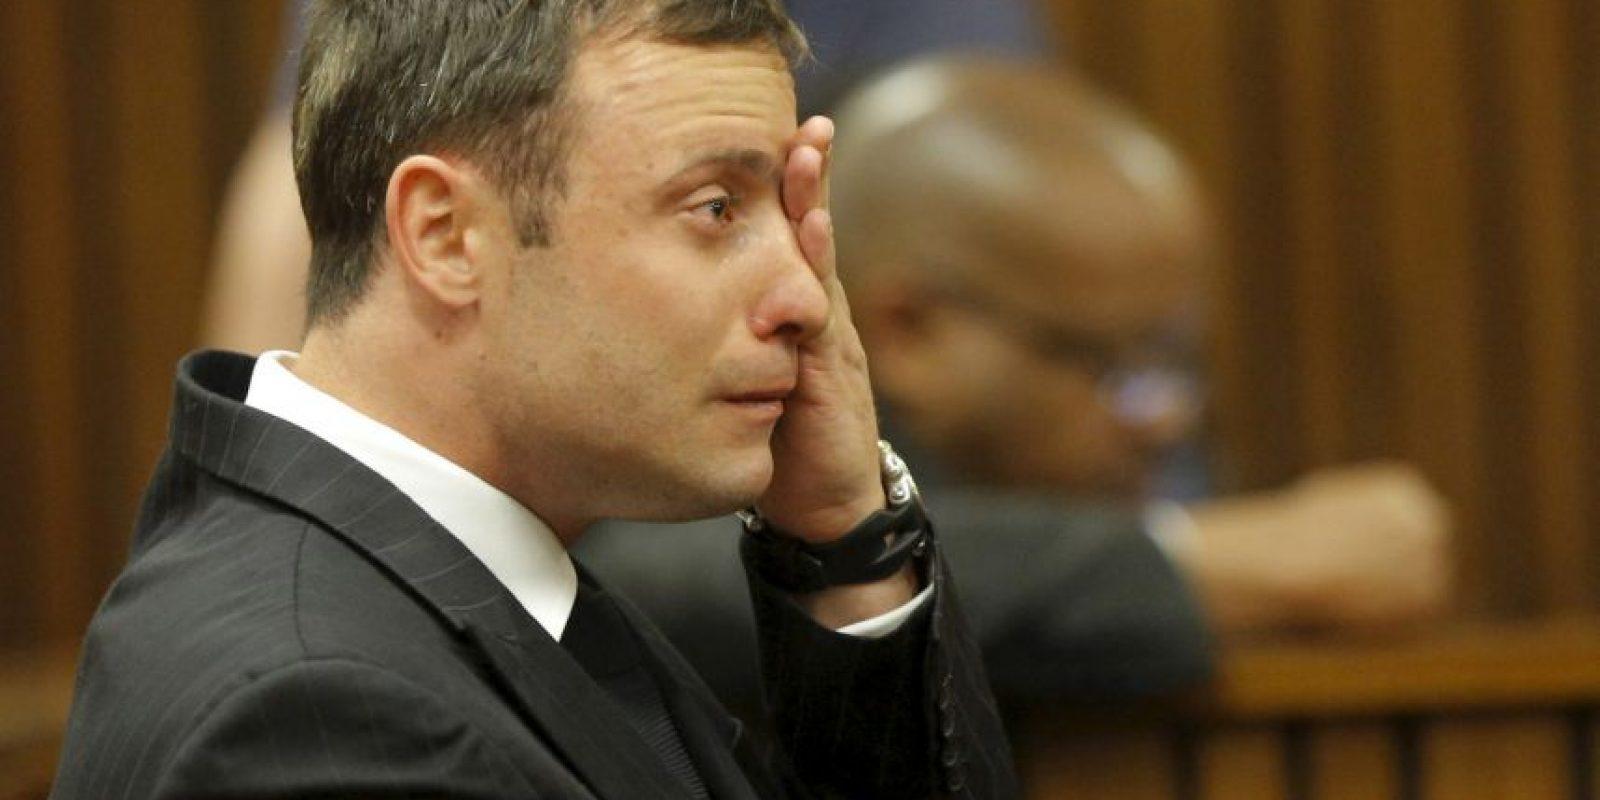 En febrero de 2013, Pistorius fue acusado de matar a su novia, Reeva Steenkamp, de cuatro disparos en su casa. Primero se manejó la versión de que el atleta habría disparado a la mujer tras confundirla con un ladrón, pero tras el juicio, se le encontró culpable de homicidio culposo y recibió una sentencia de cinco años de cárcel. Foto:Getty Images